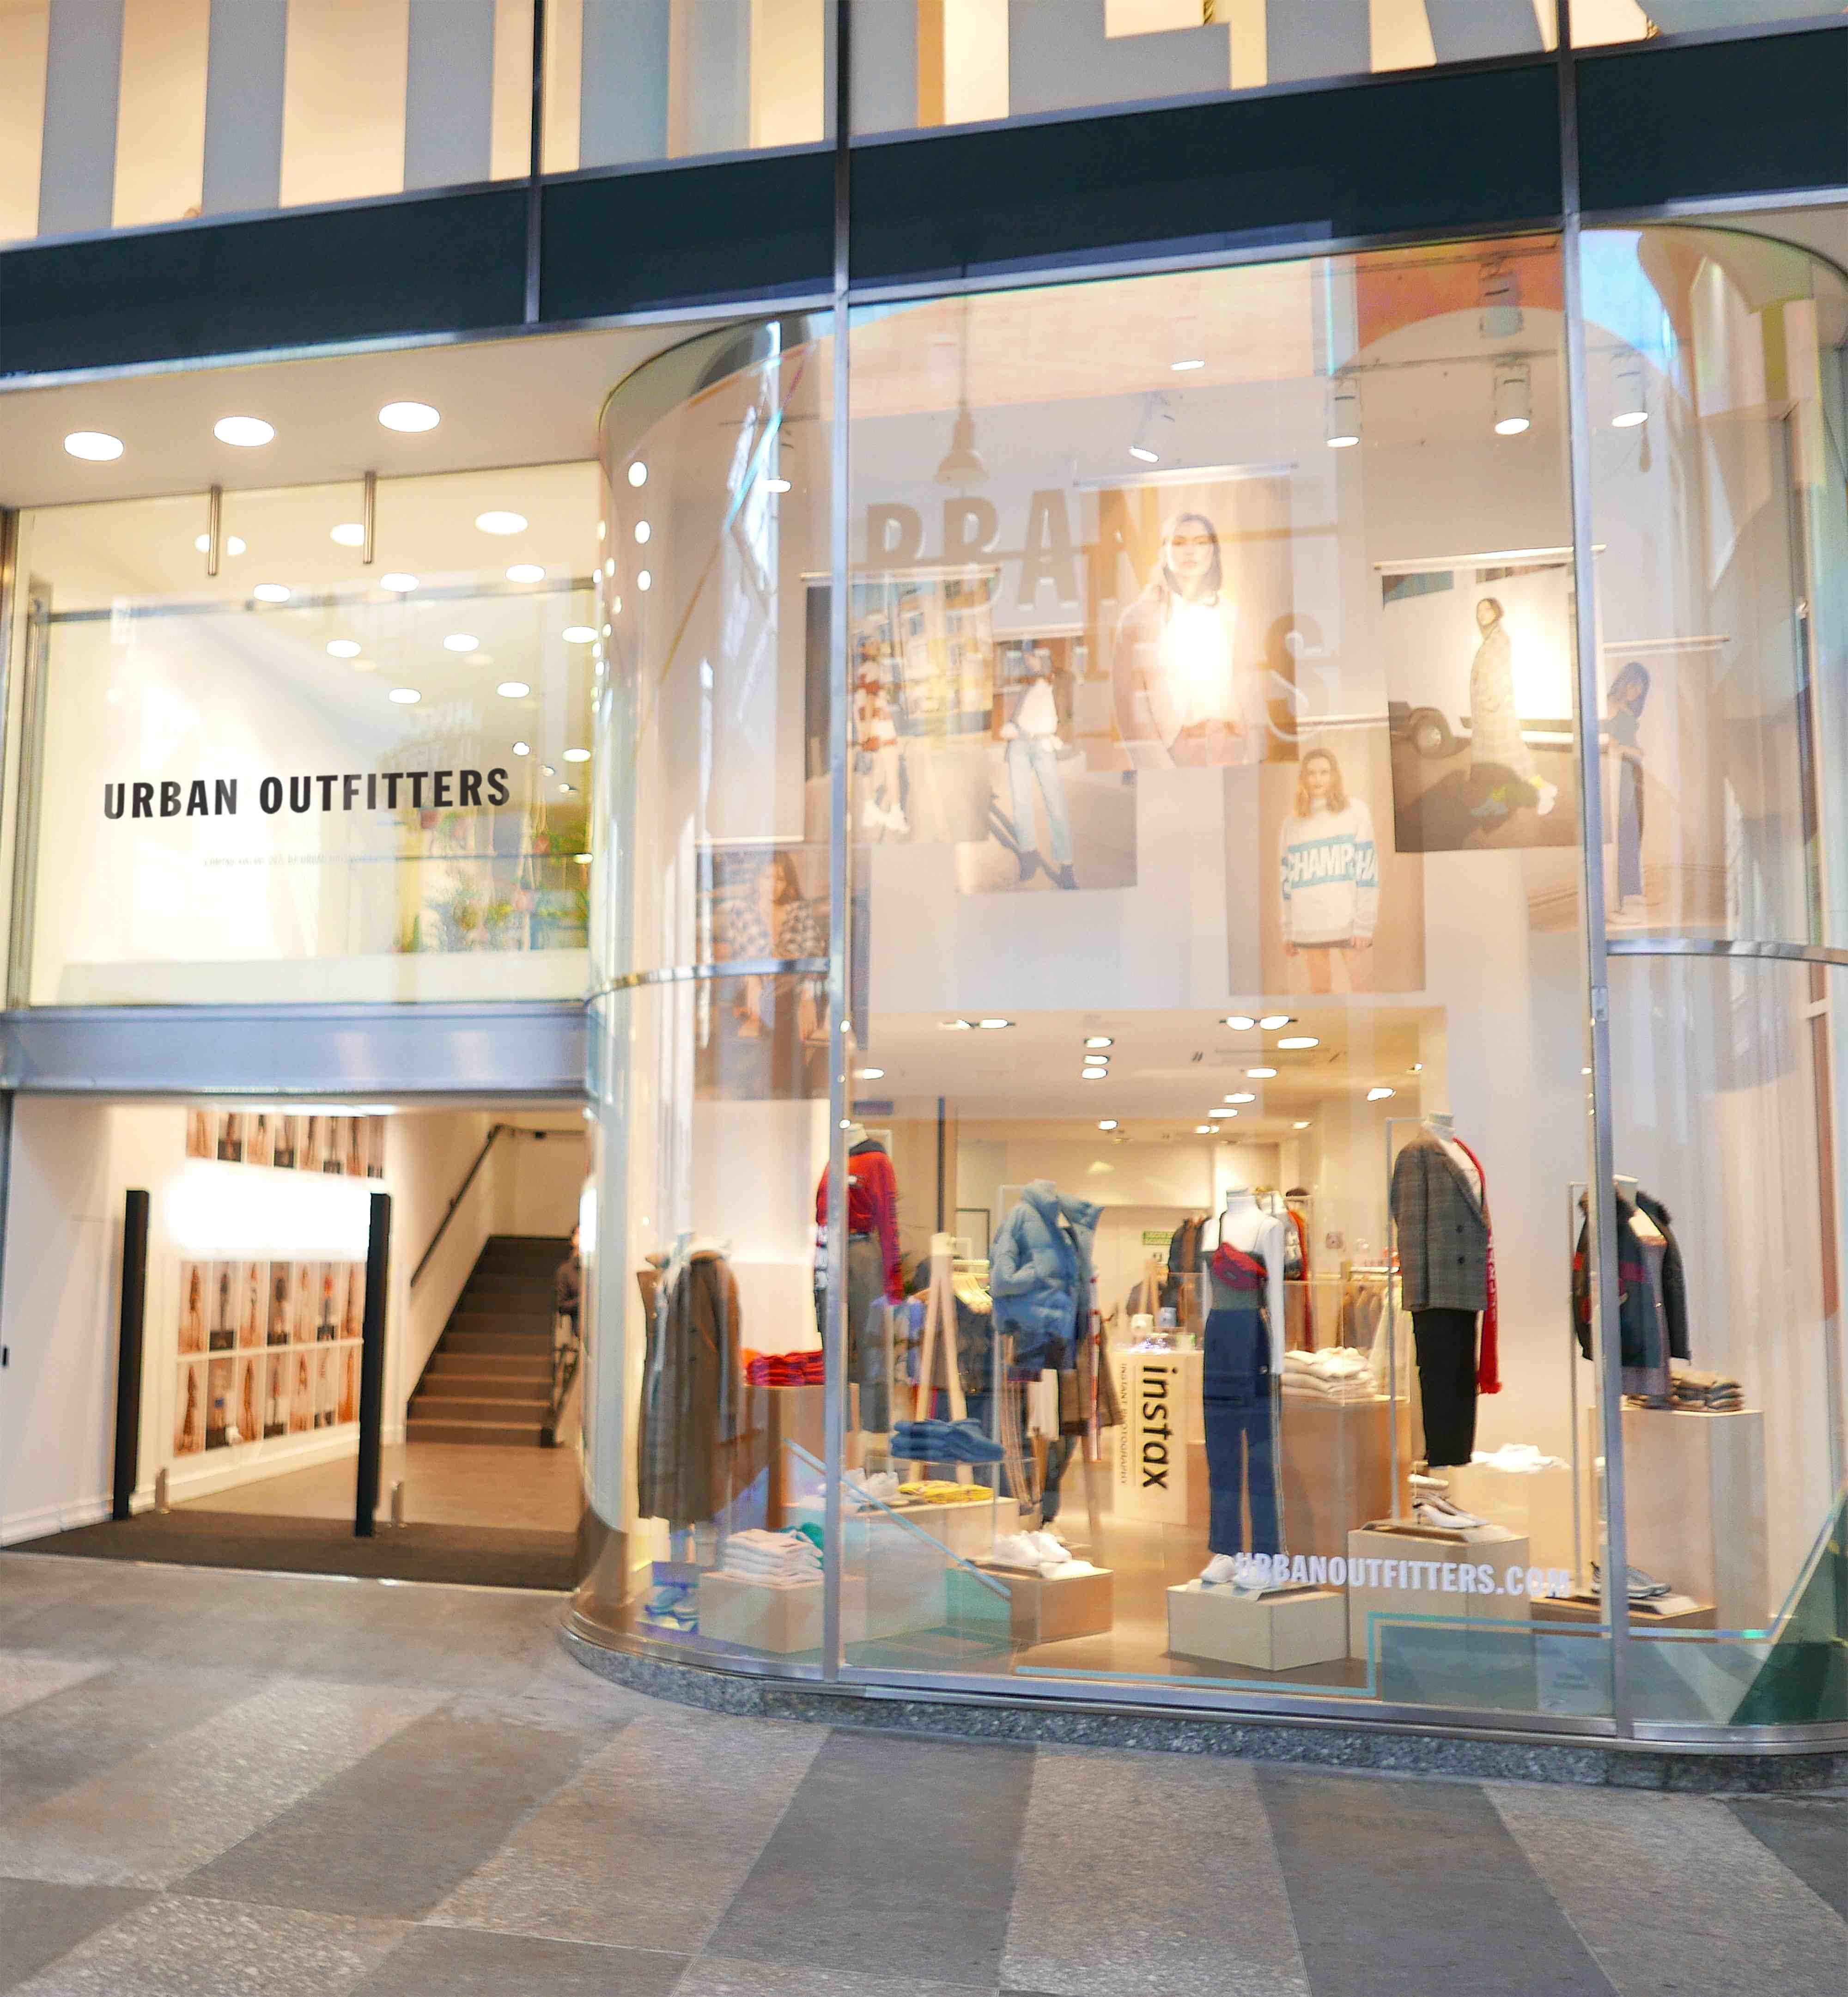 Urban Outfitters arriva in Italia: primo negozio a Milano